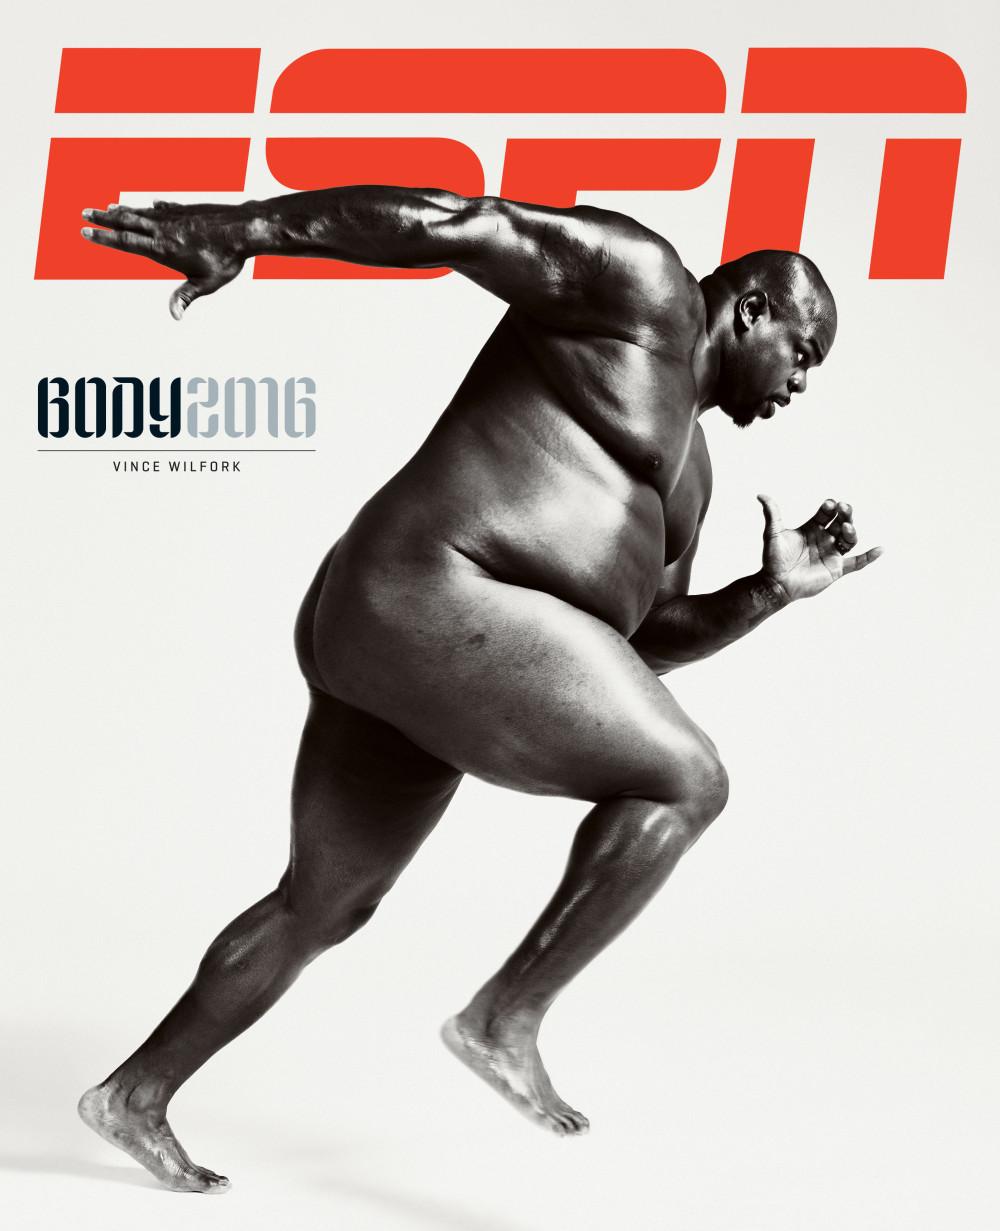 El famoso desnudo integral de Vince Wilfork para el ESPN Body Issue